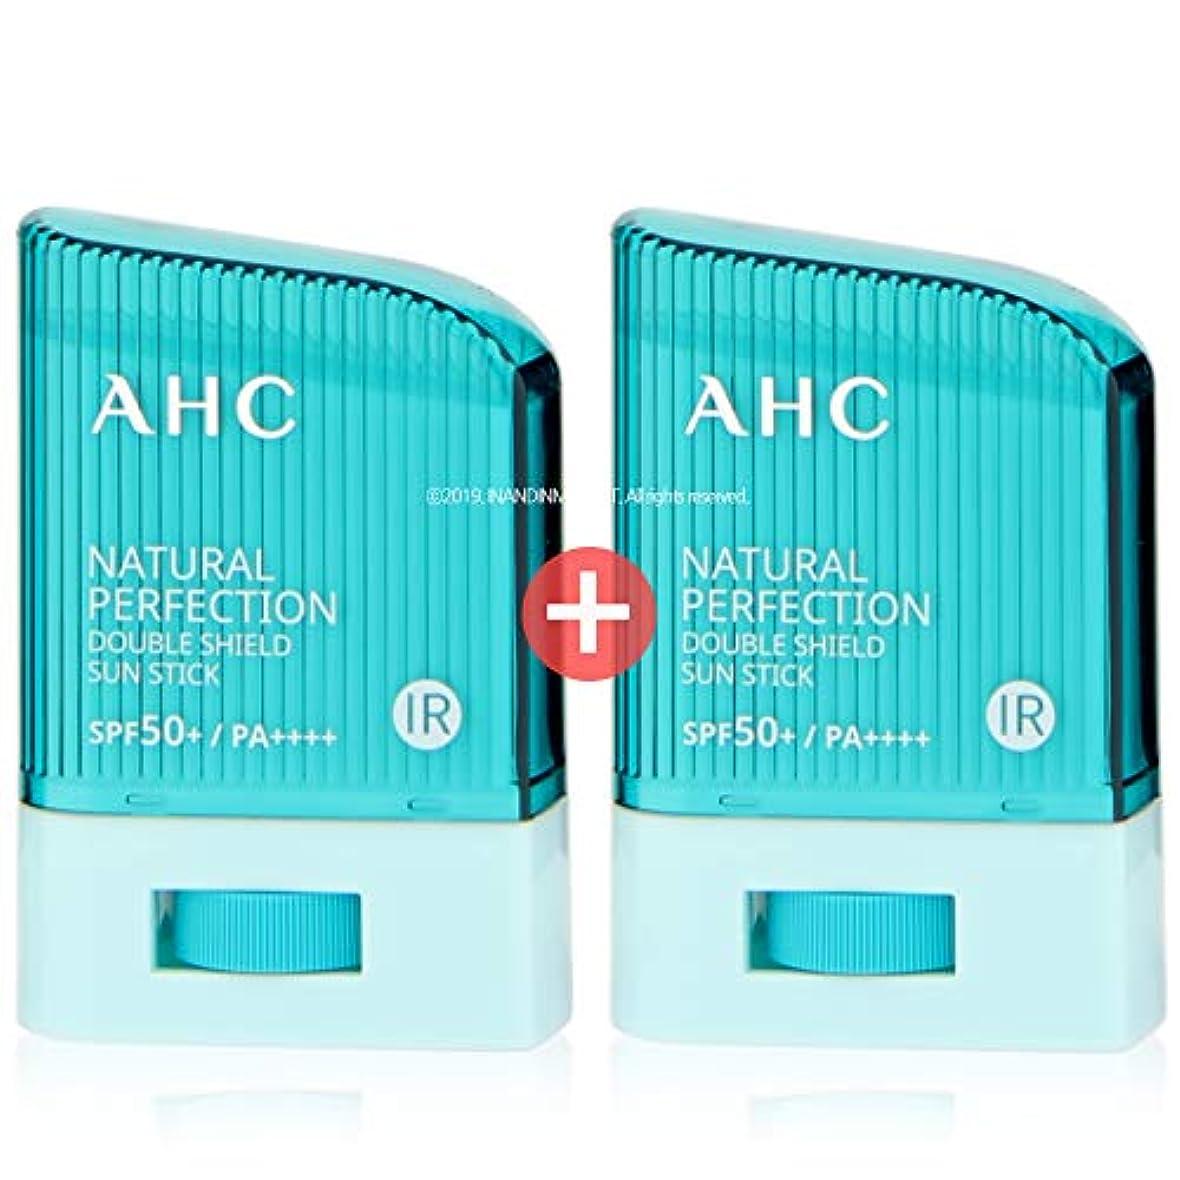 山積みのファランクス守銭奴[ 1+1 ] AHC ナチュラルパーフェクションダブルシールドサンスティック 14g, Natural Perfection Double Shield Sun Stick SPF50+ PA++++